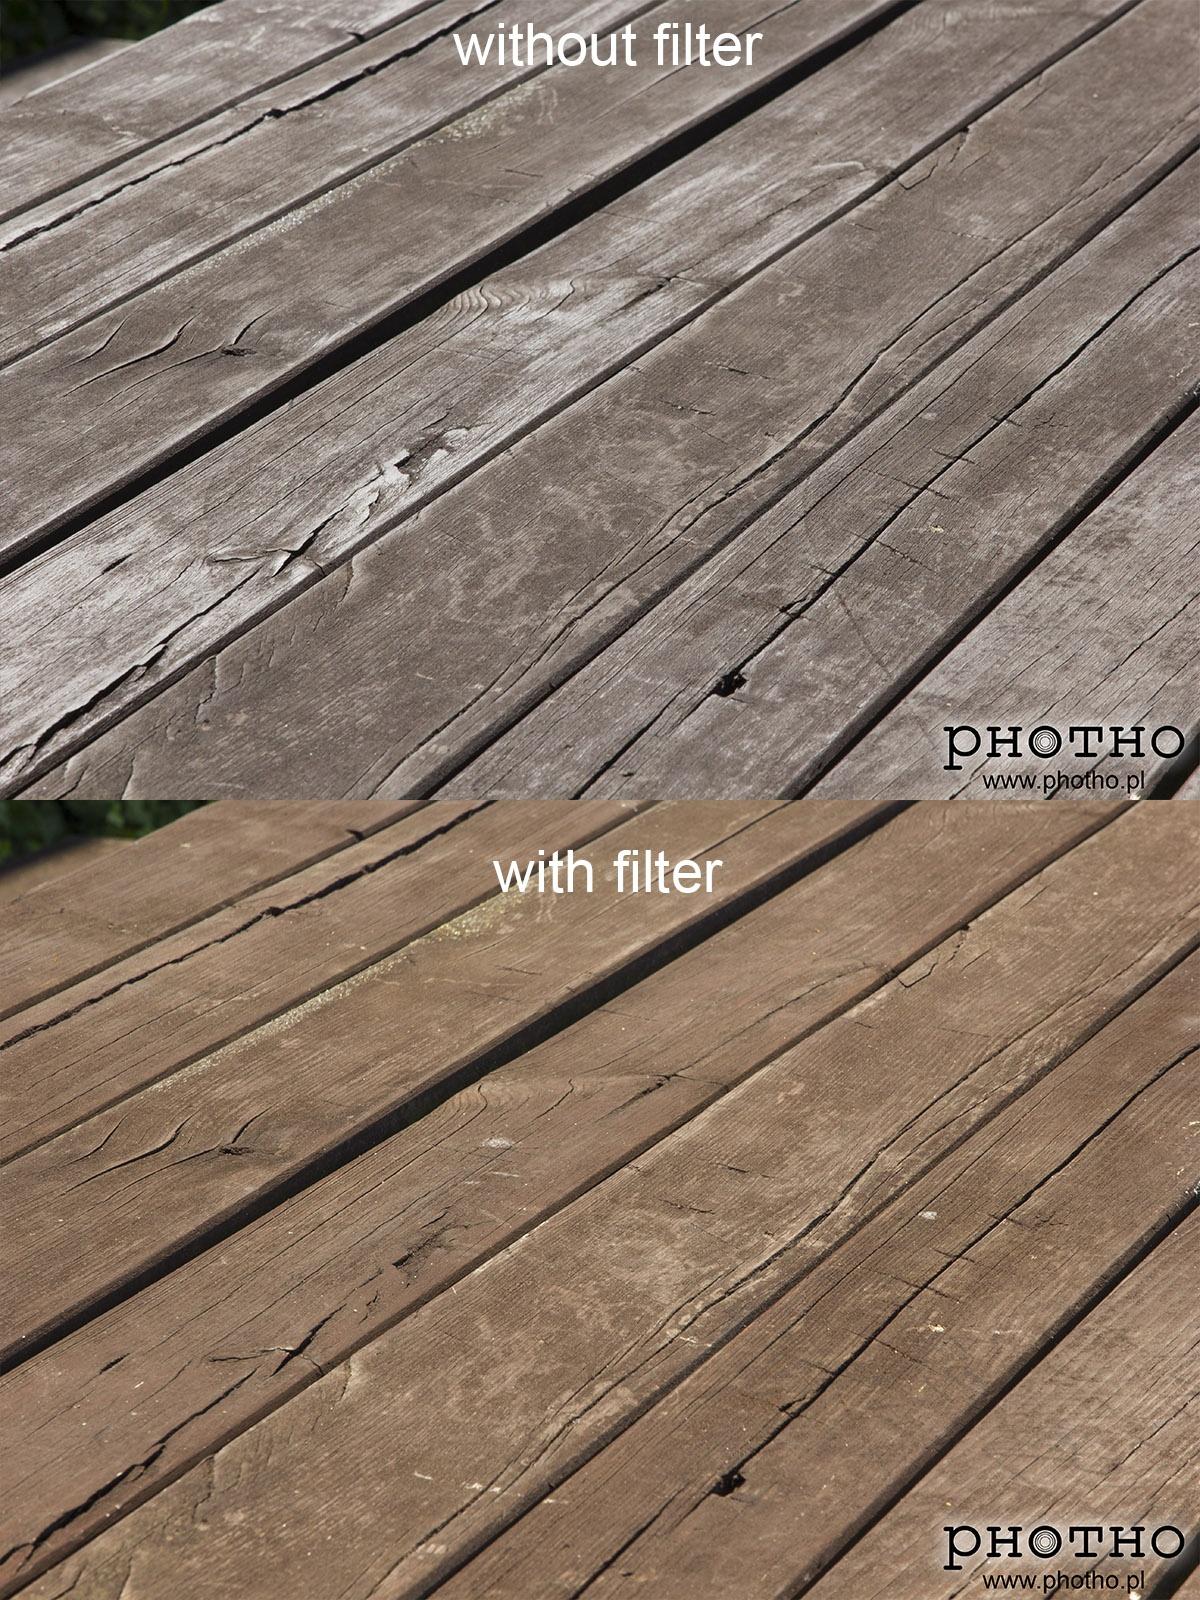 Jak działa filtr polaryzacyjny?